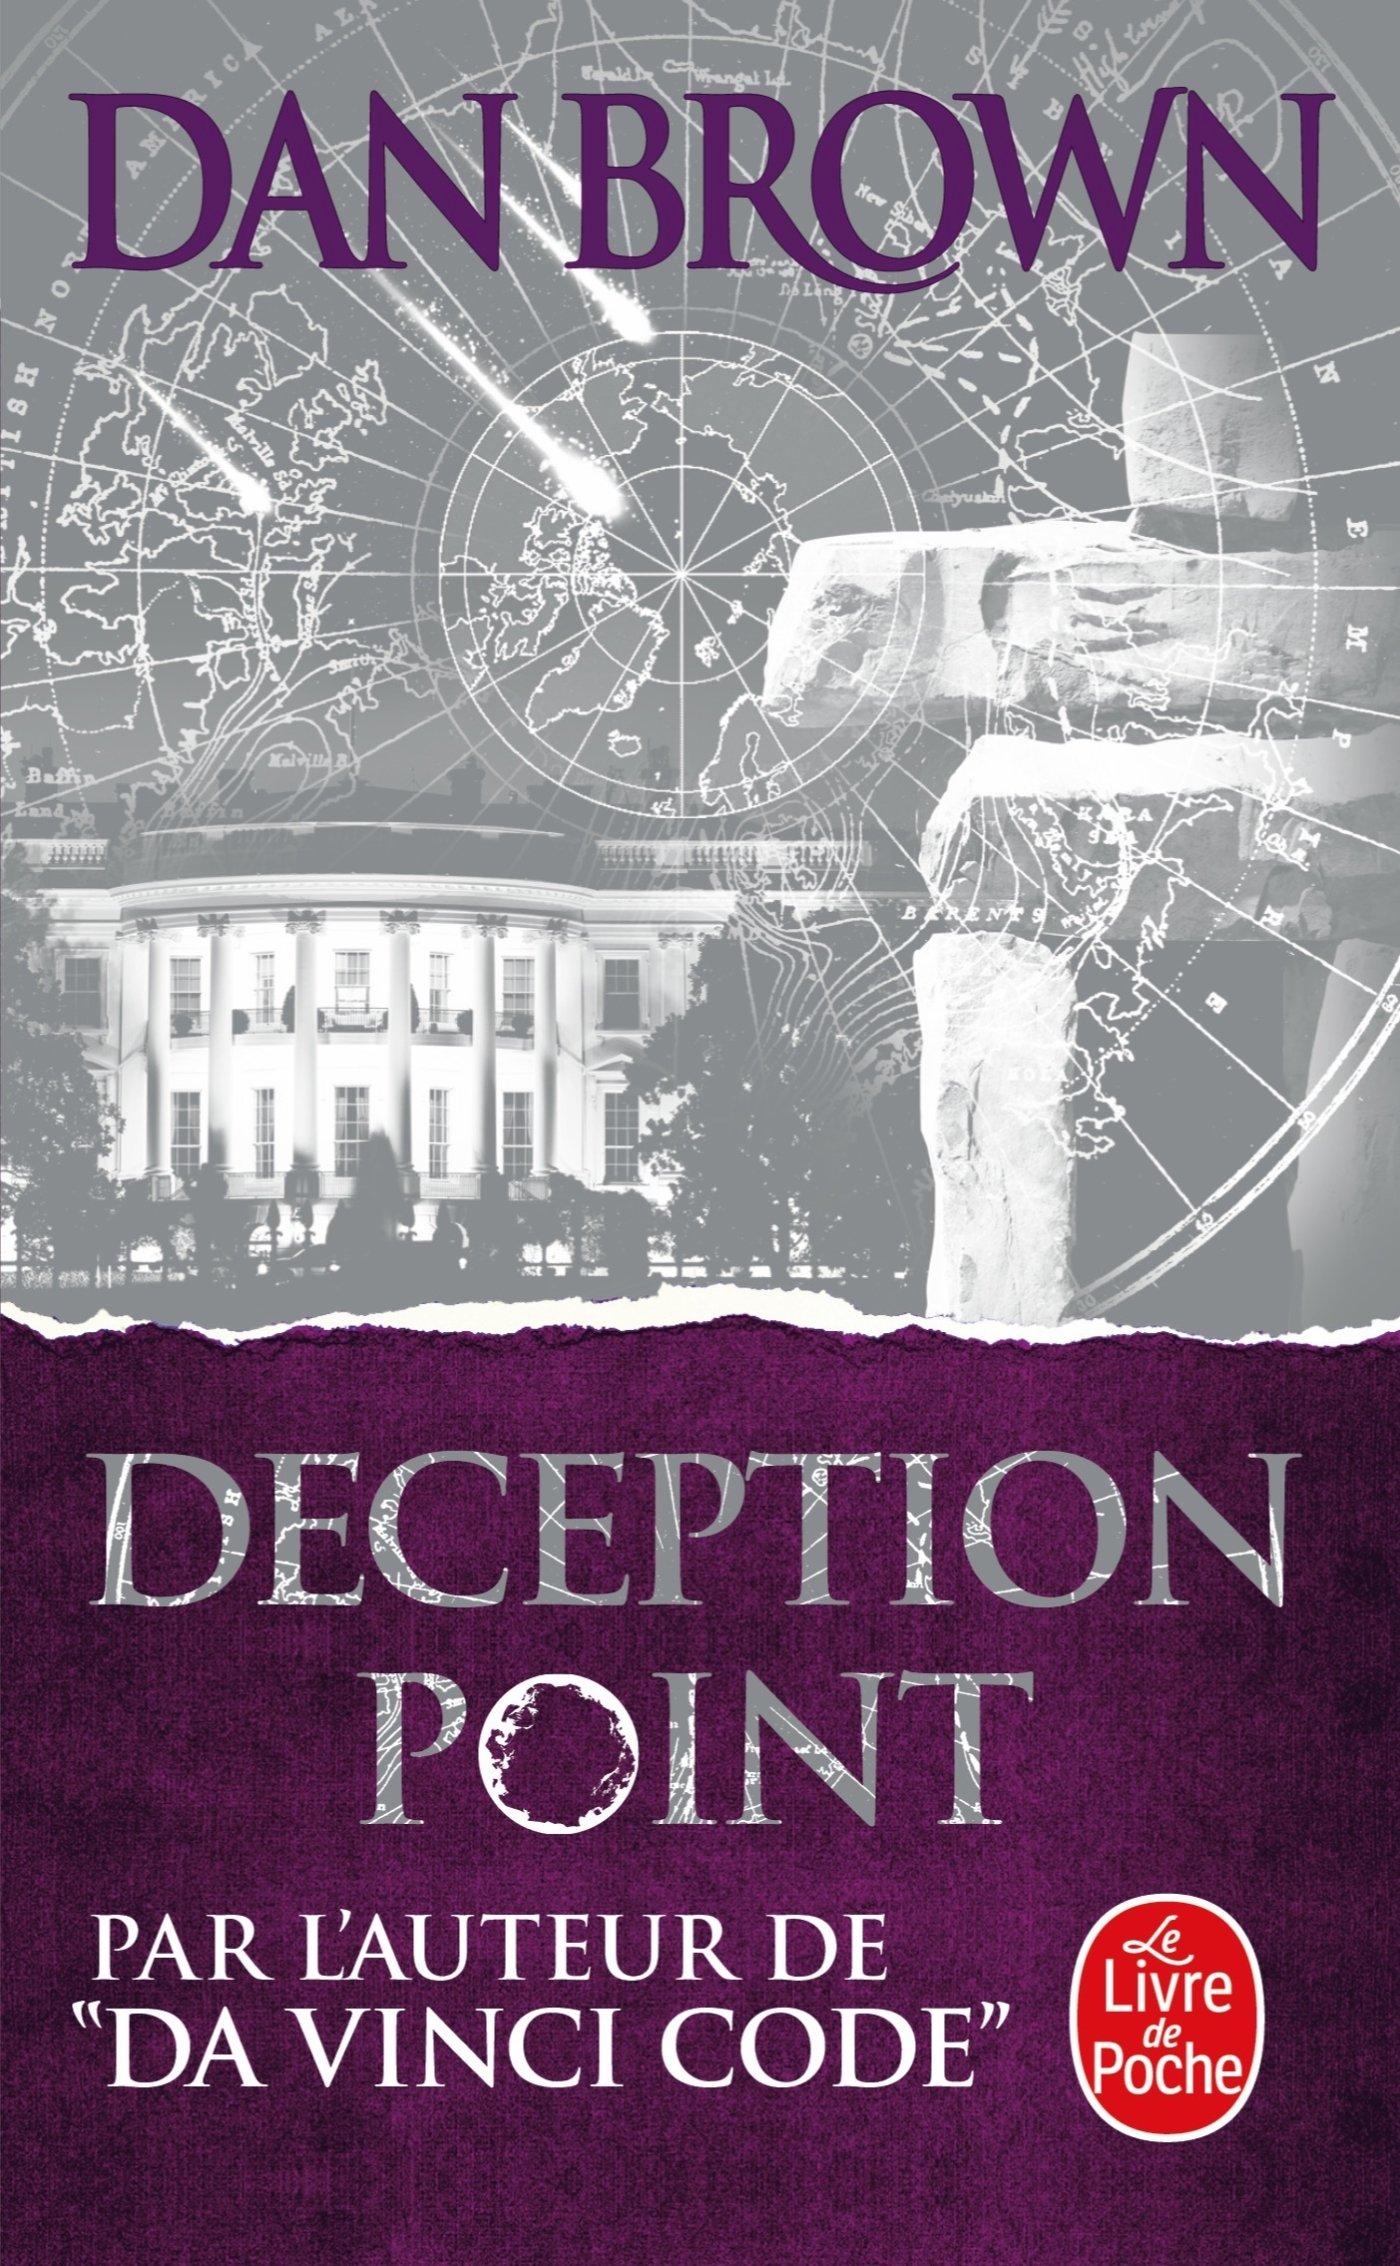 Book deception point